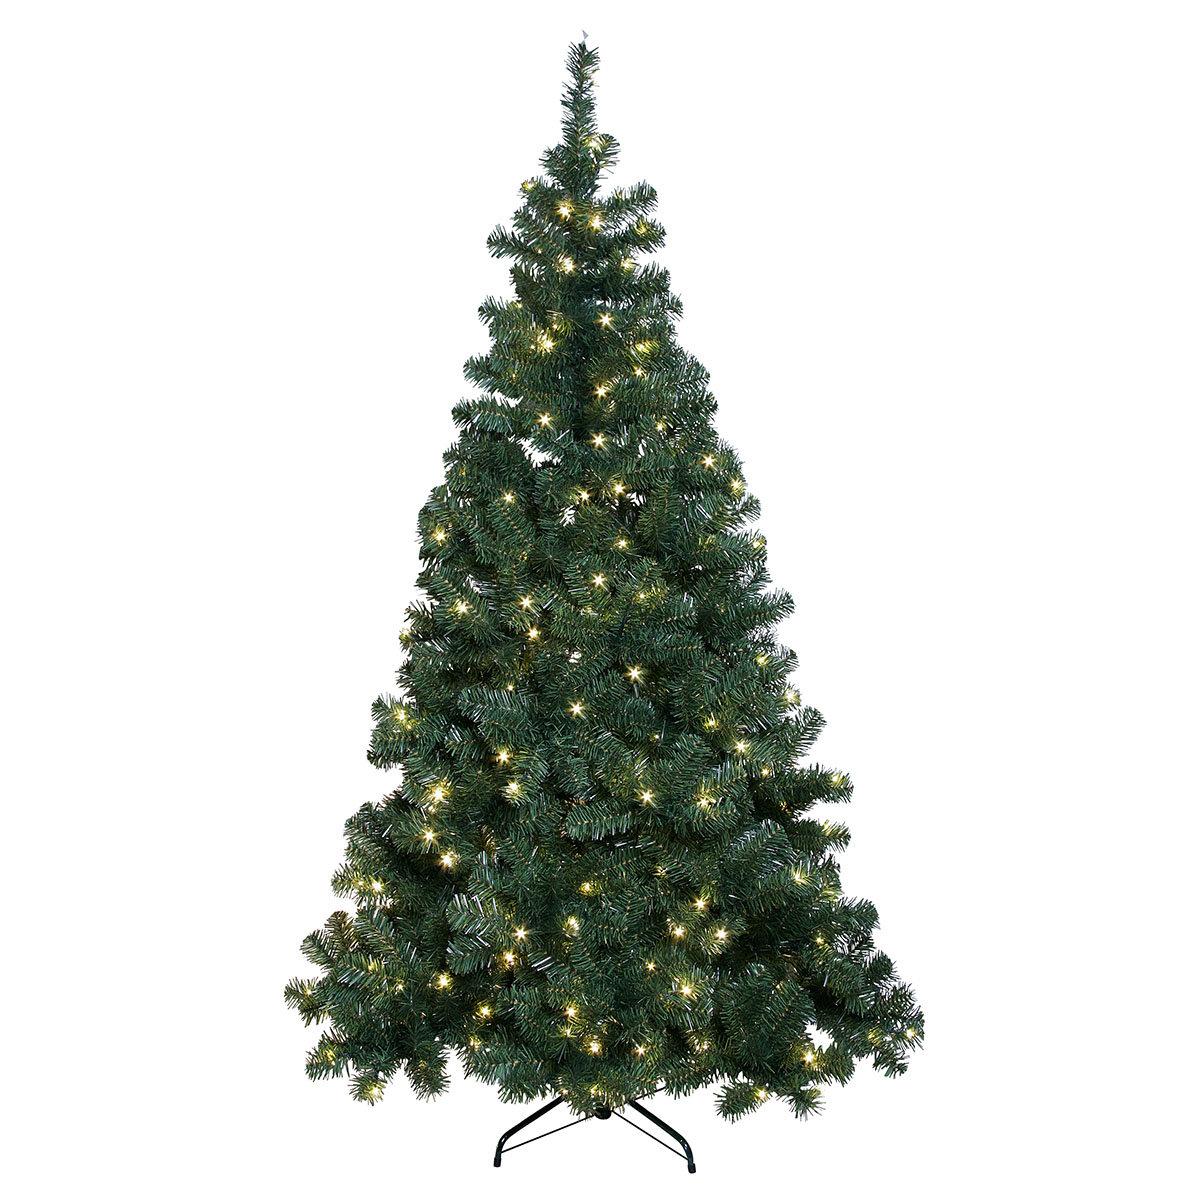 led au en weihnachtsbaum gr ne pracht gro online kaufen. Black Bedroom Furniture Sets. Home Design Ideas